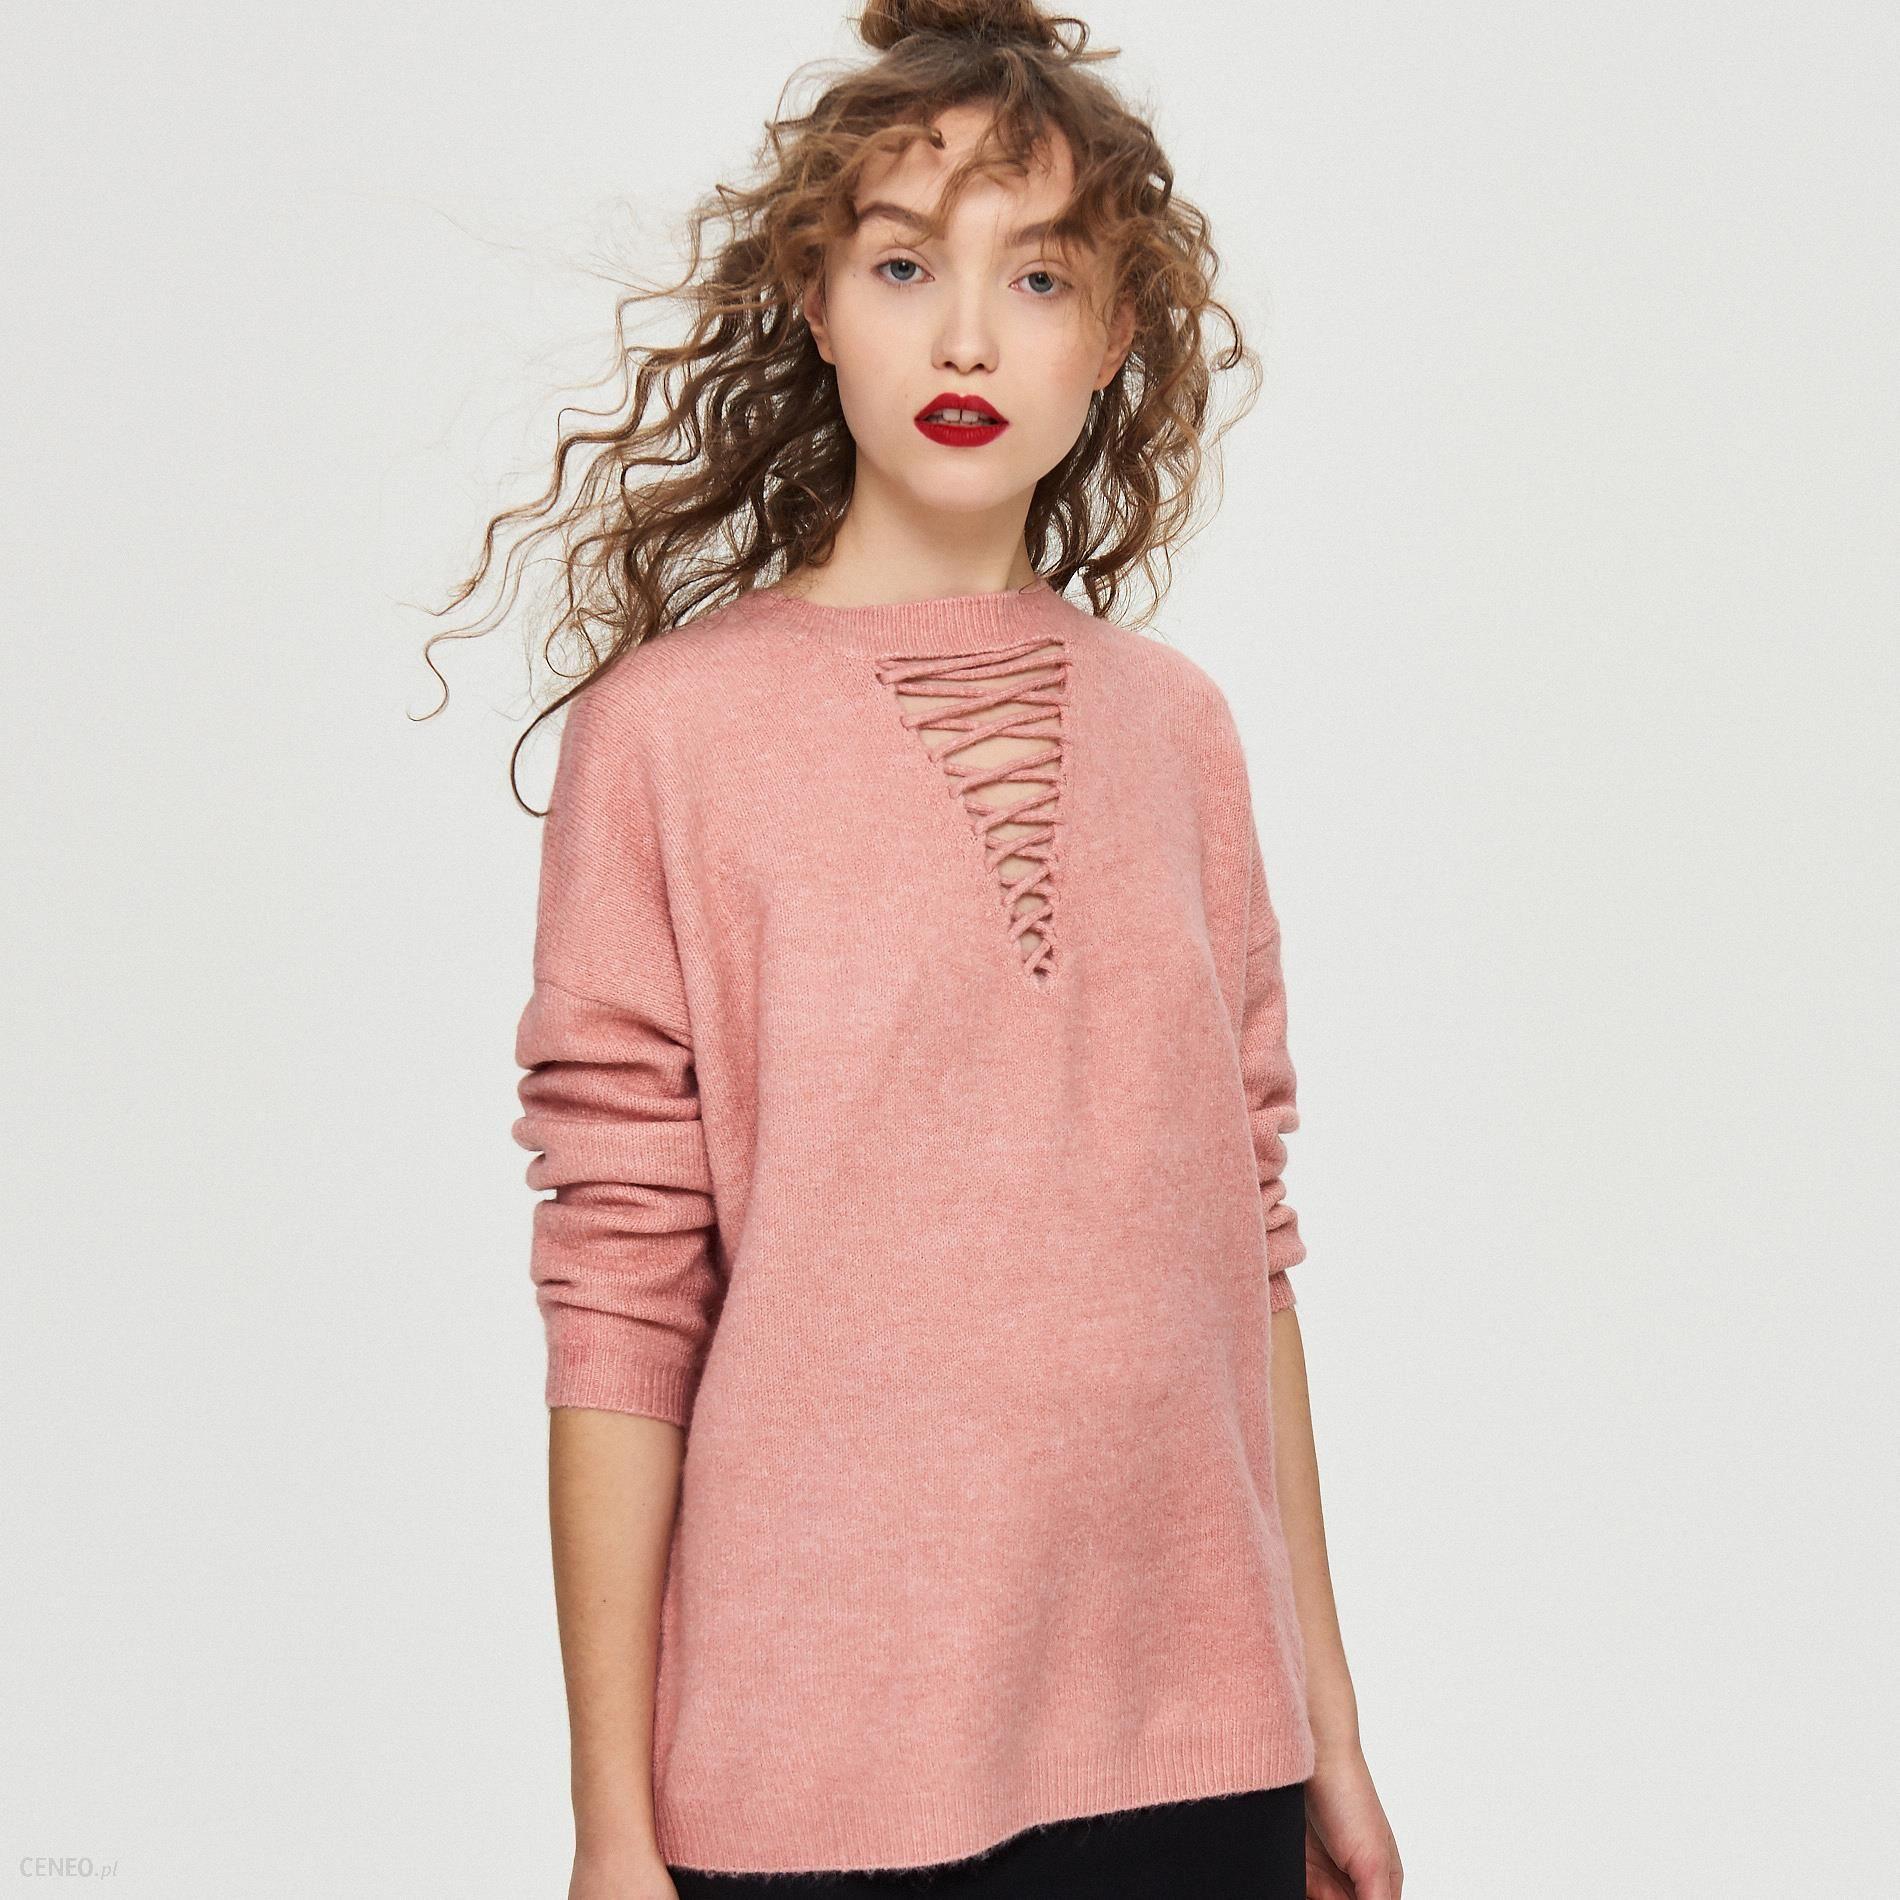 52acc93dbe127b Sinsay - Sweter ze sznurowaniem - Różowy - Ceny i opinie - Ceneo.pl